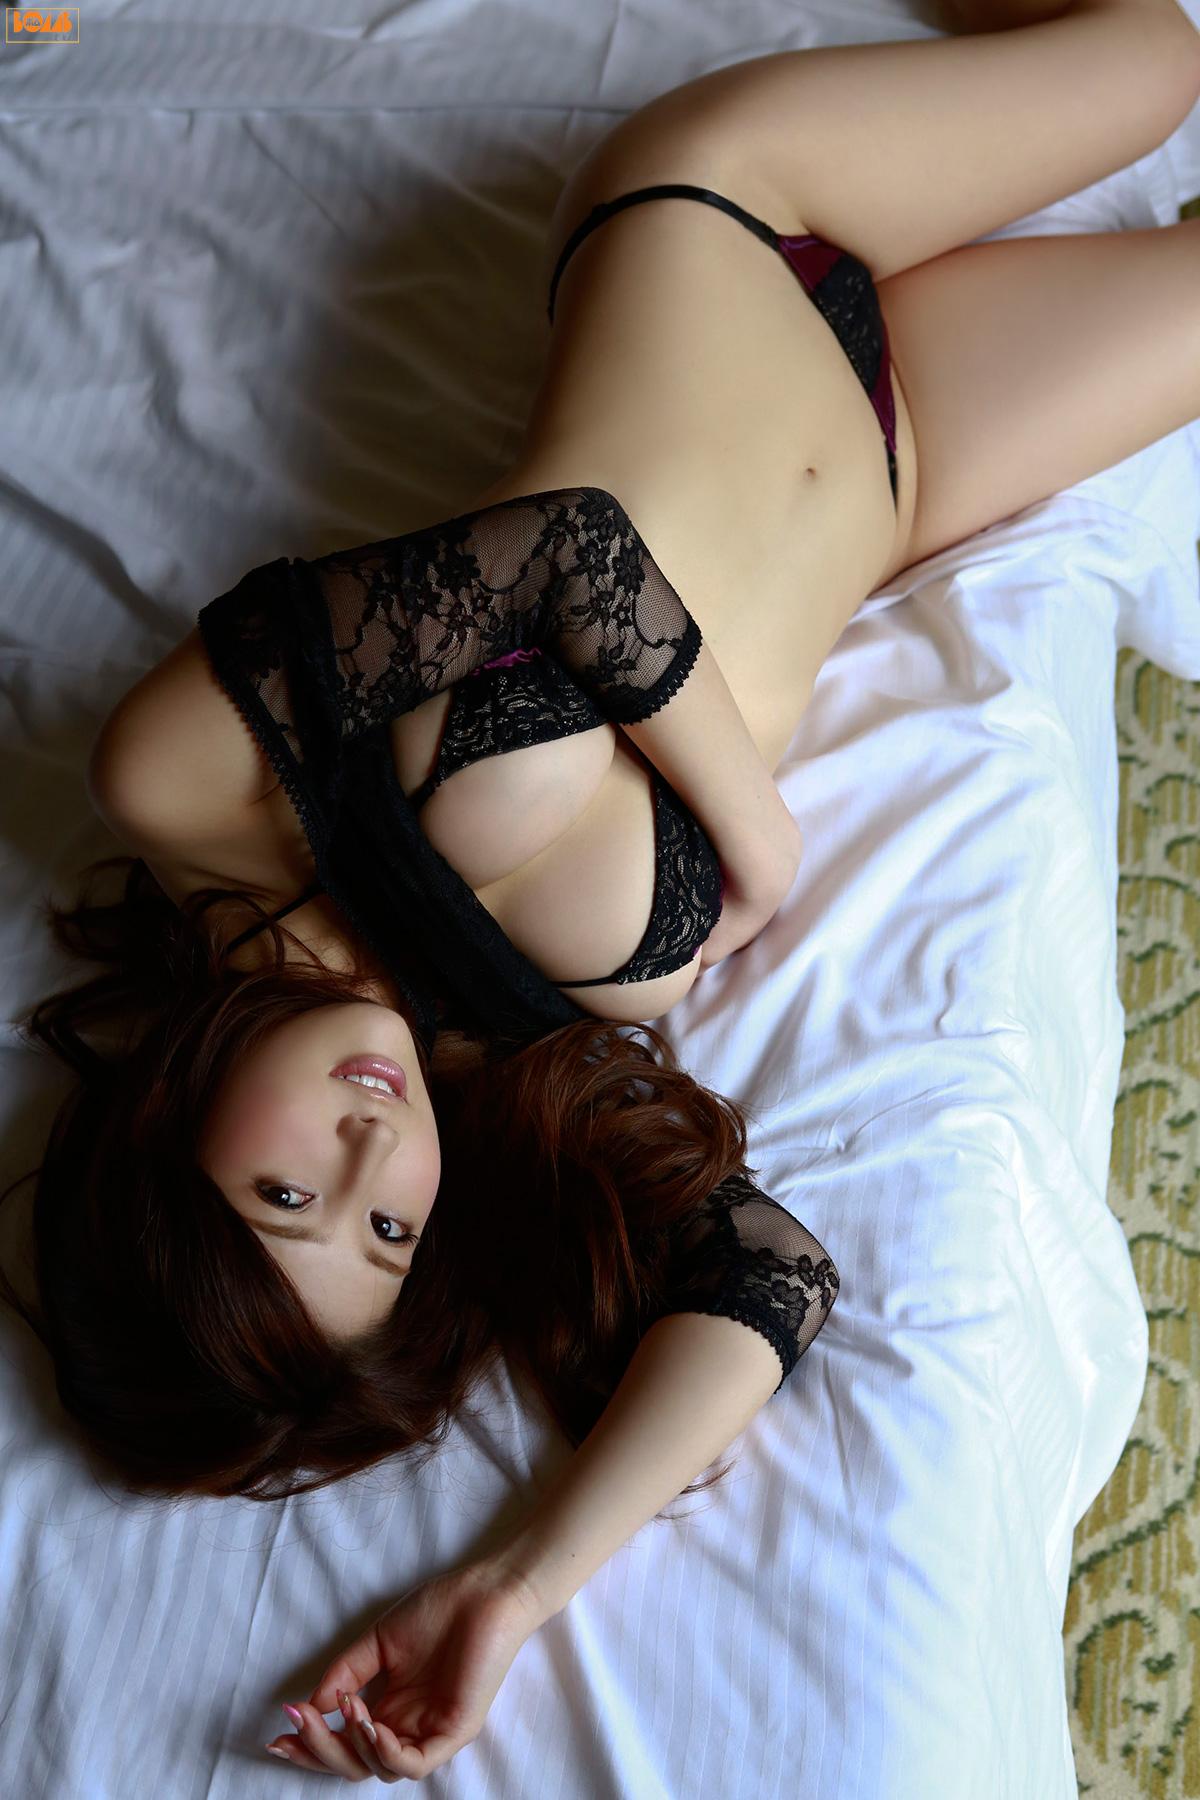 cool Japanese girl - Arisa